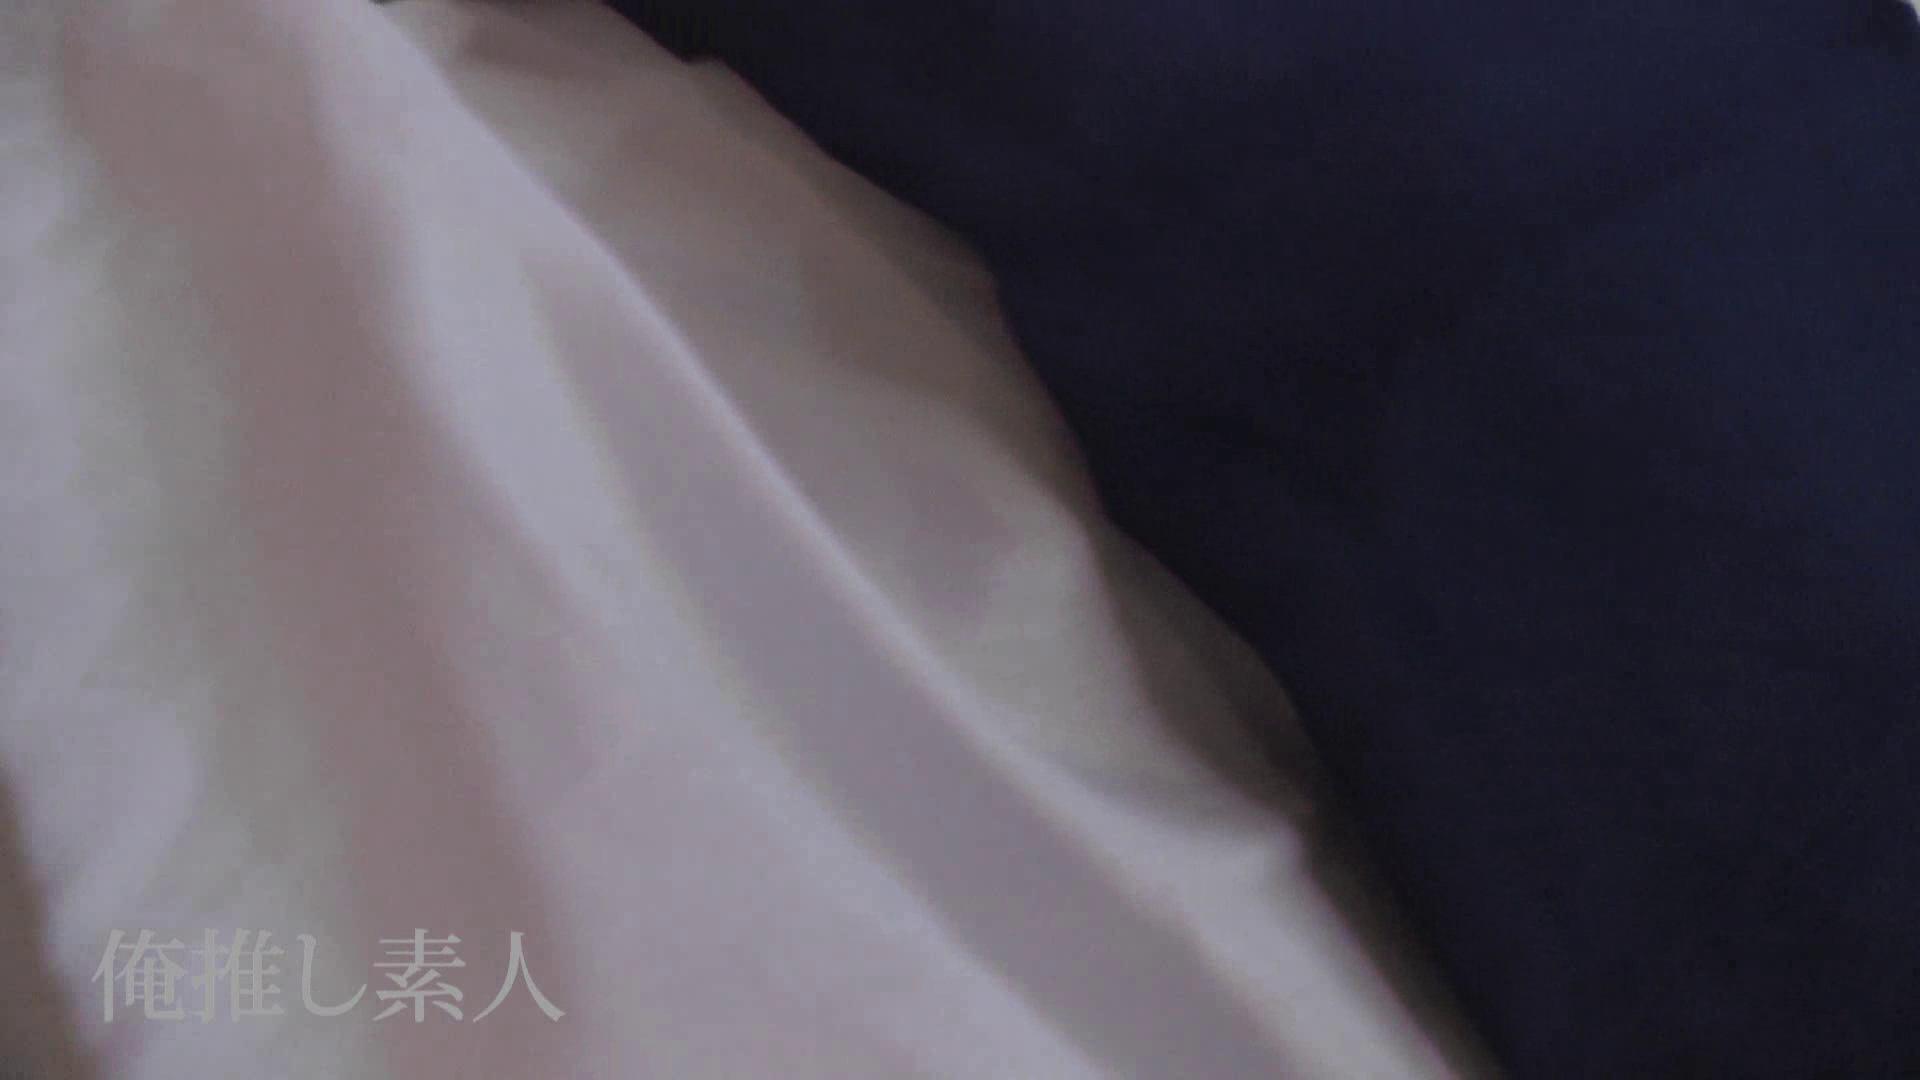 俺推し素人 EカップシングルマザーOL30歳瑤子vol4 素人 オメコ無修正動画無料 113pic 28